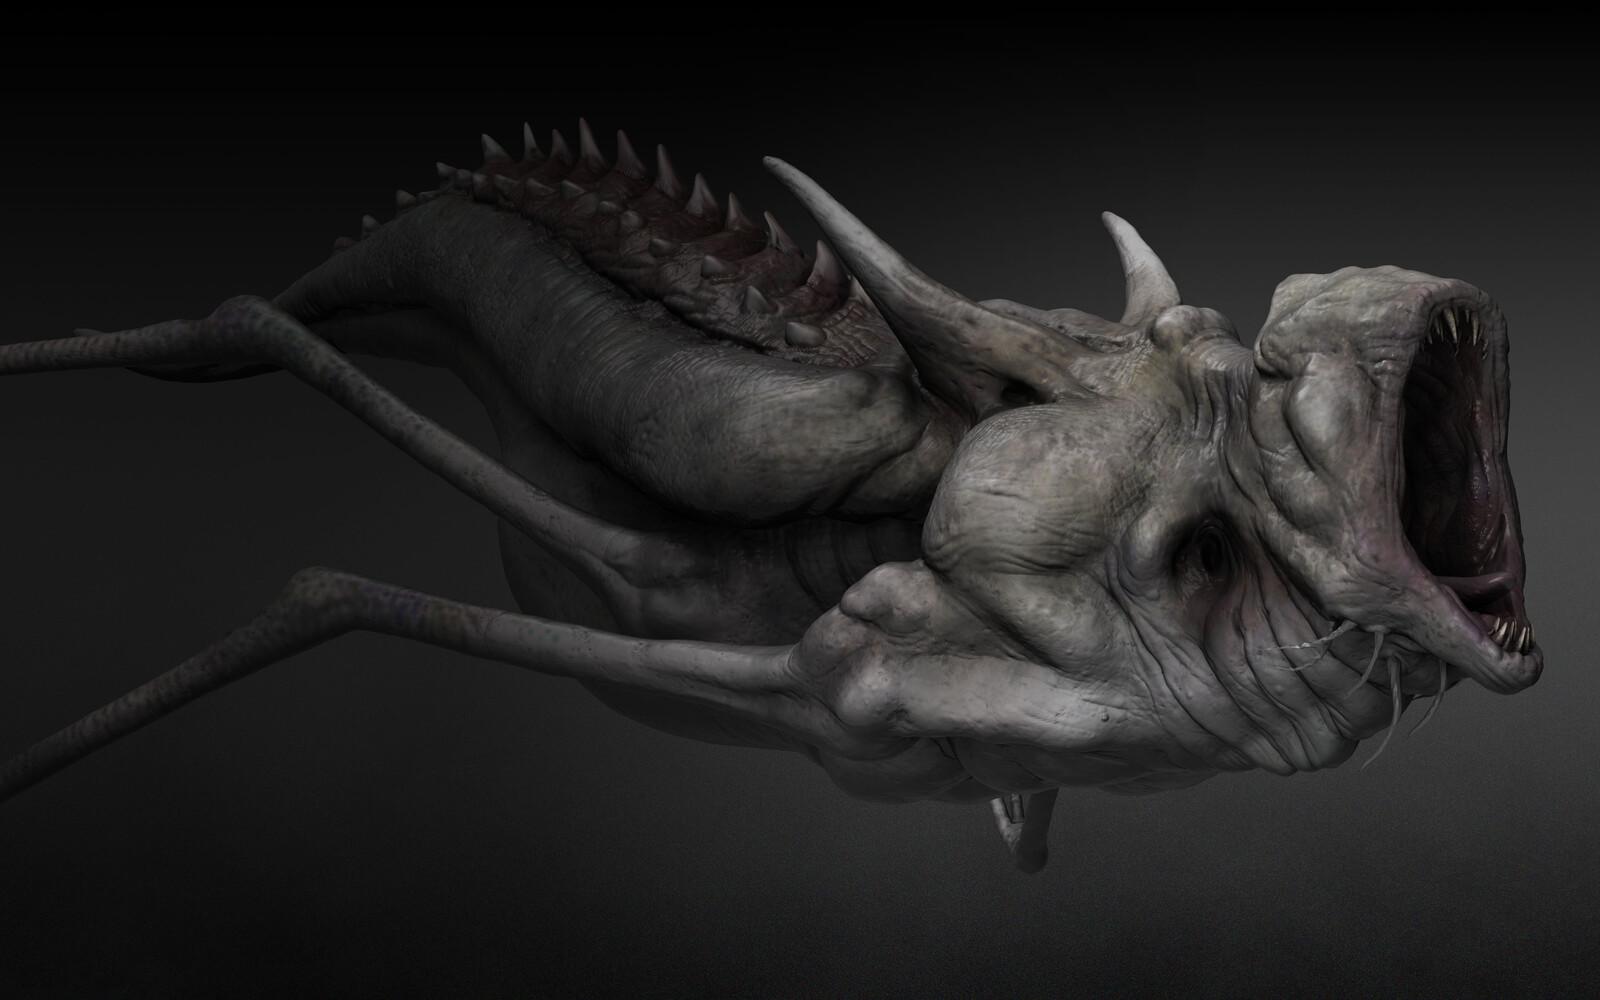 Alien Concept sculpts